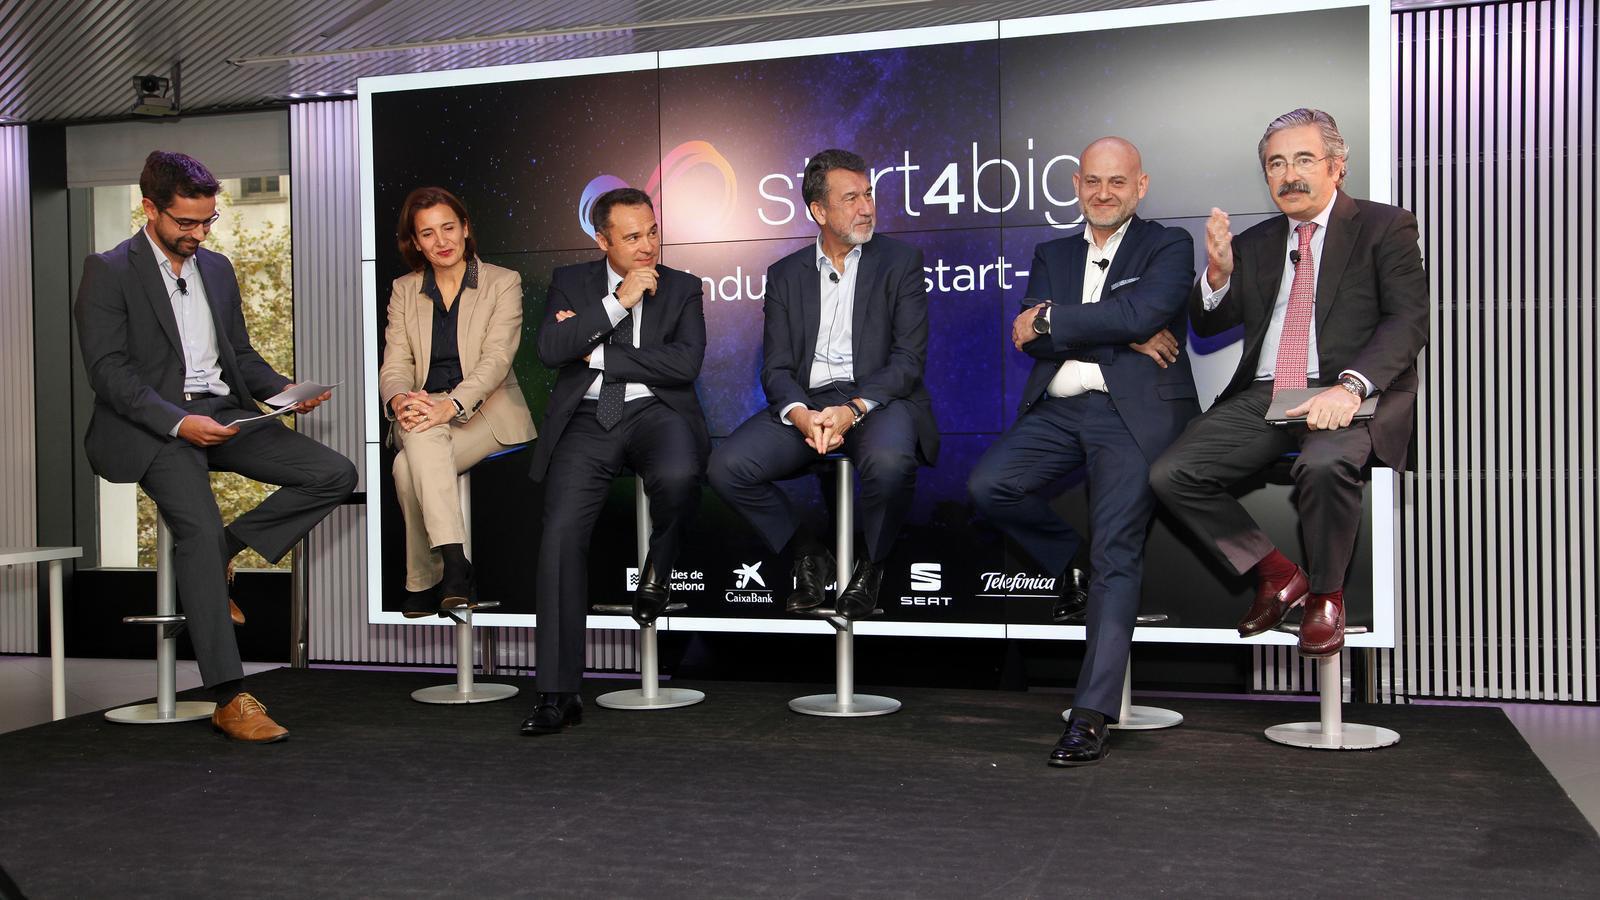 Seat, Naturgy, Telefónica, Aigües de Barcelona i CaixaBank s'alien per impulsar 'start-ups'